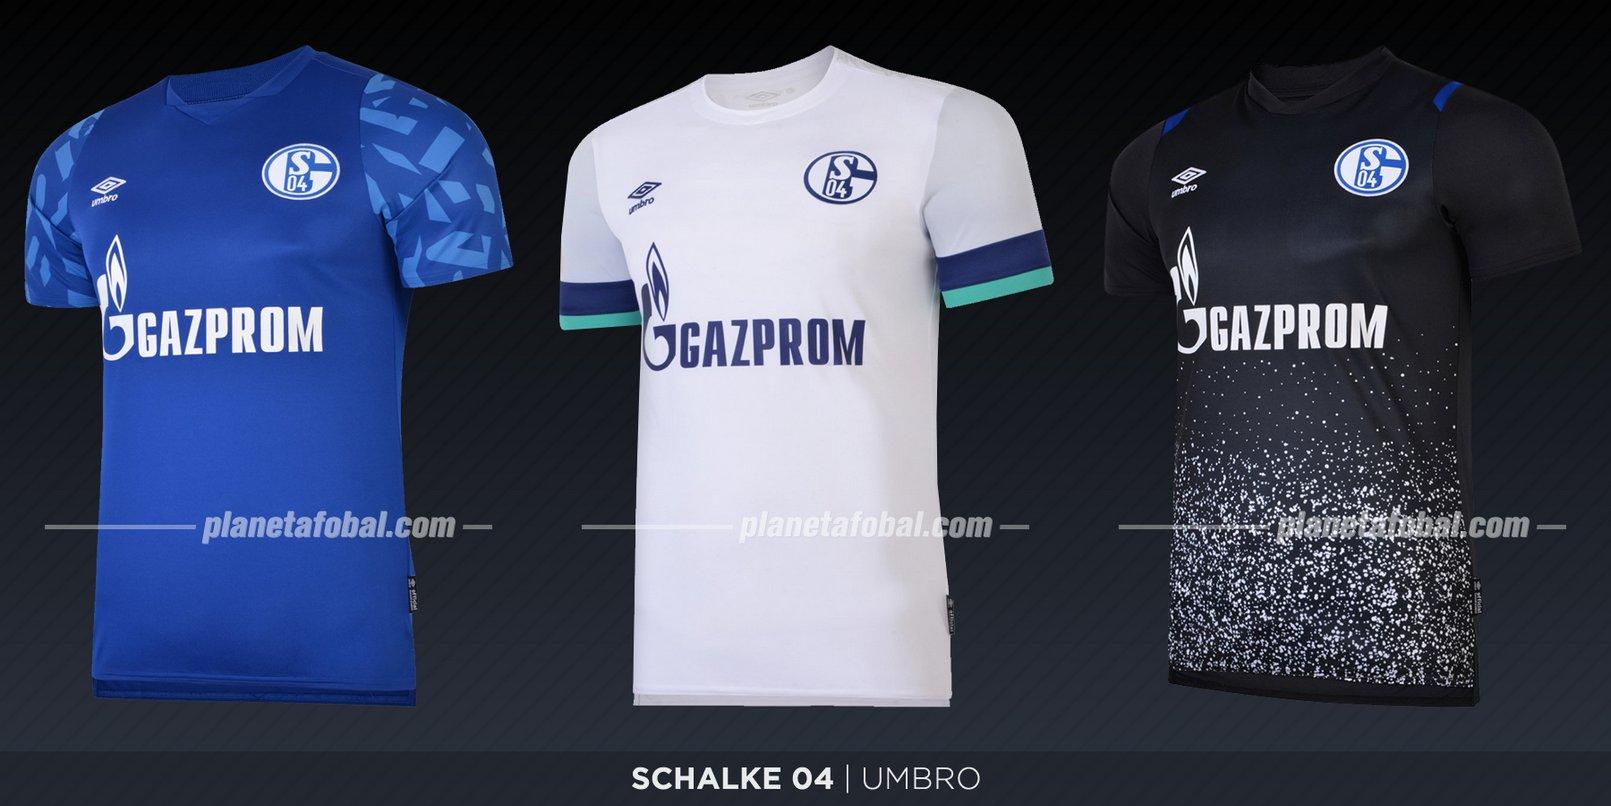 Schalke 04 (Umbro) | Camisetas de la Bundesliga 2019-2020